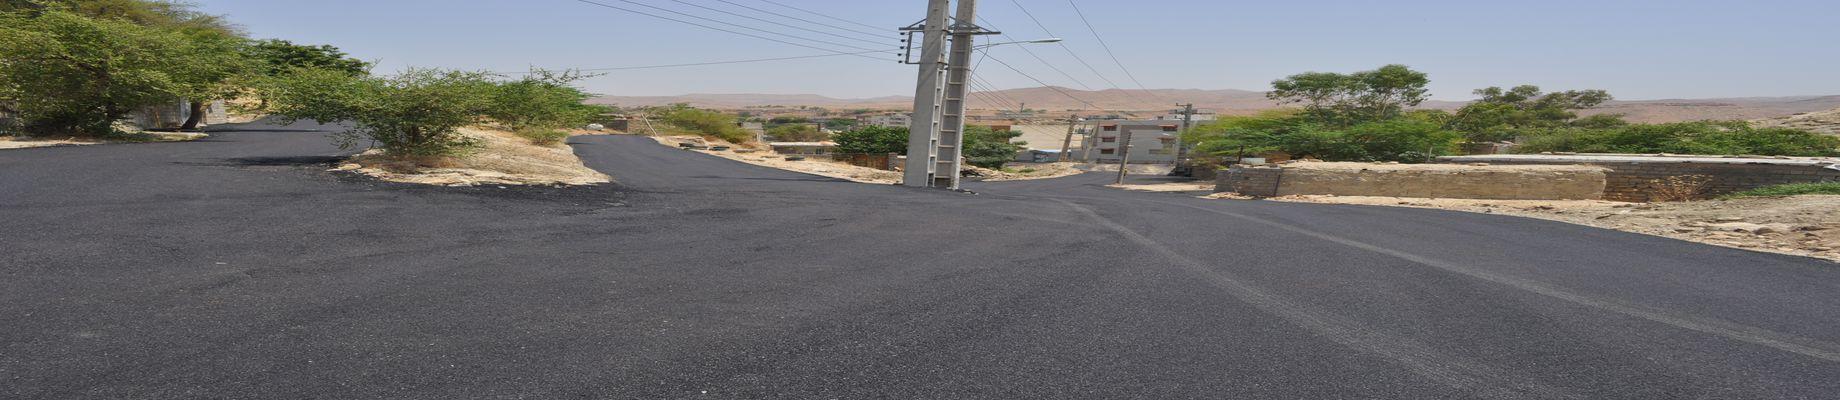 عملیات روکش آسفالت منطقه ریل وی با مساحت تقریبی ۷ هزار متر مربع اجرایی شد